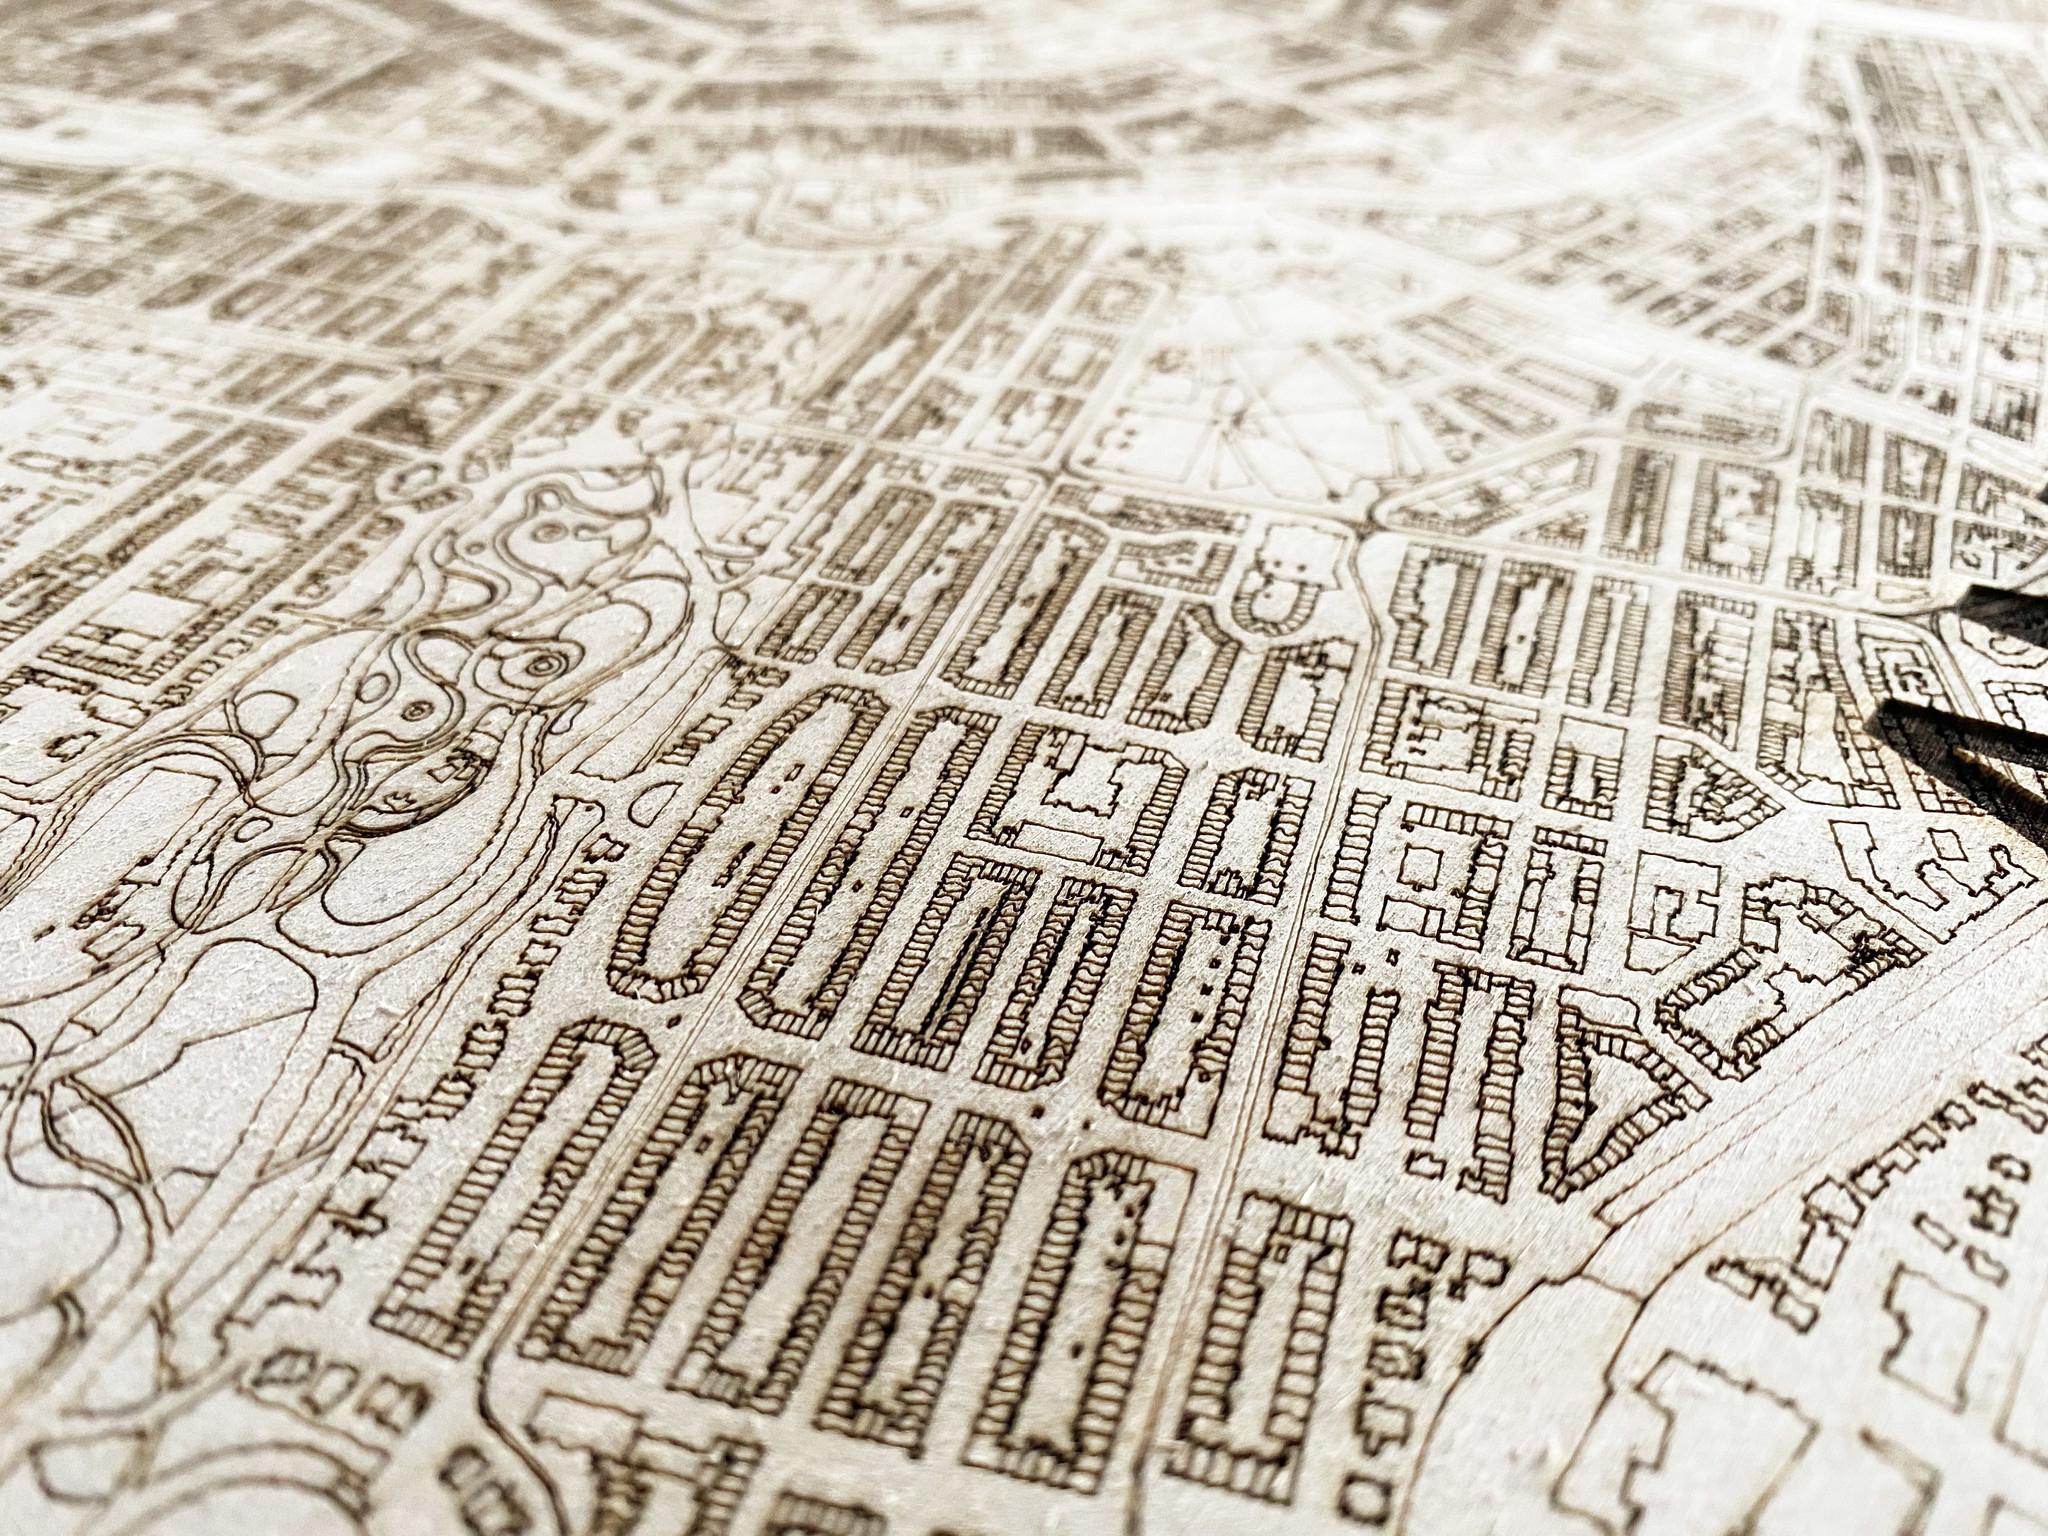 Houten stadsplattegrond Boskoop-2